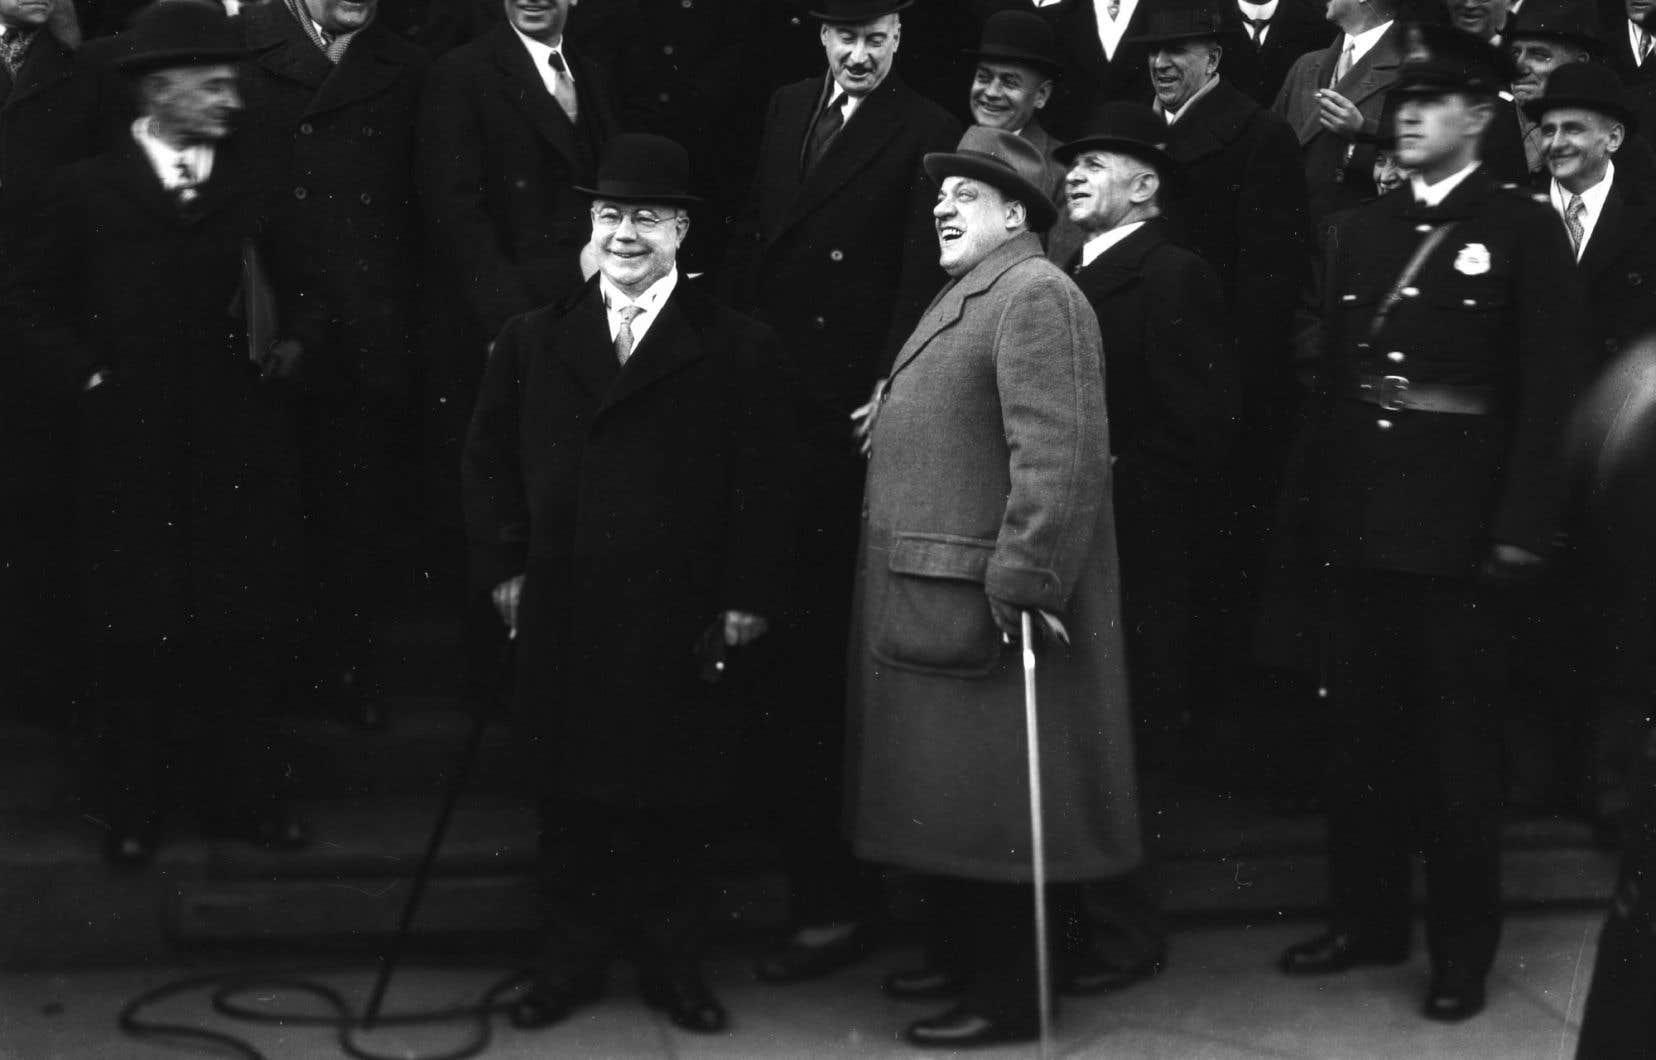 Opposé à la conscription obligatoire, le maire Camillien Houde sera envoyé dans un camp d'internement durant une partie de la Seconde Guerre mondiale. Sur la photographie, le maire Houde (en manteau gris pâle), photographié le 26 mars 1935.